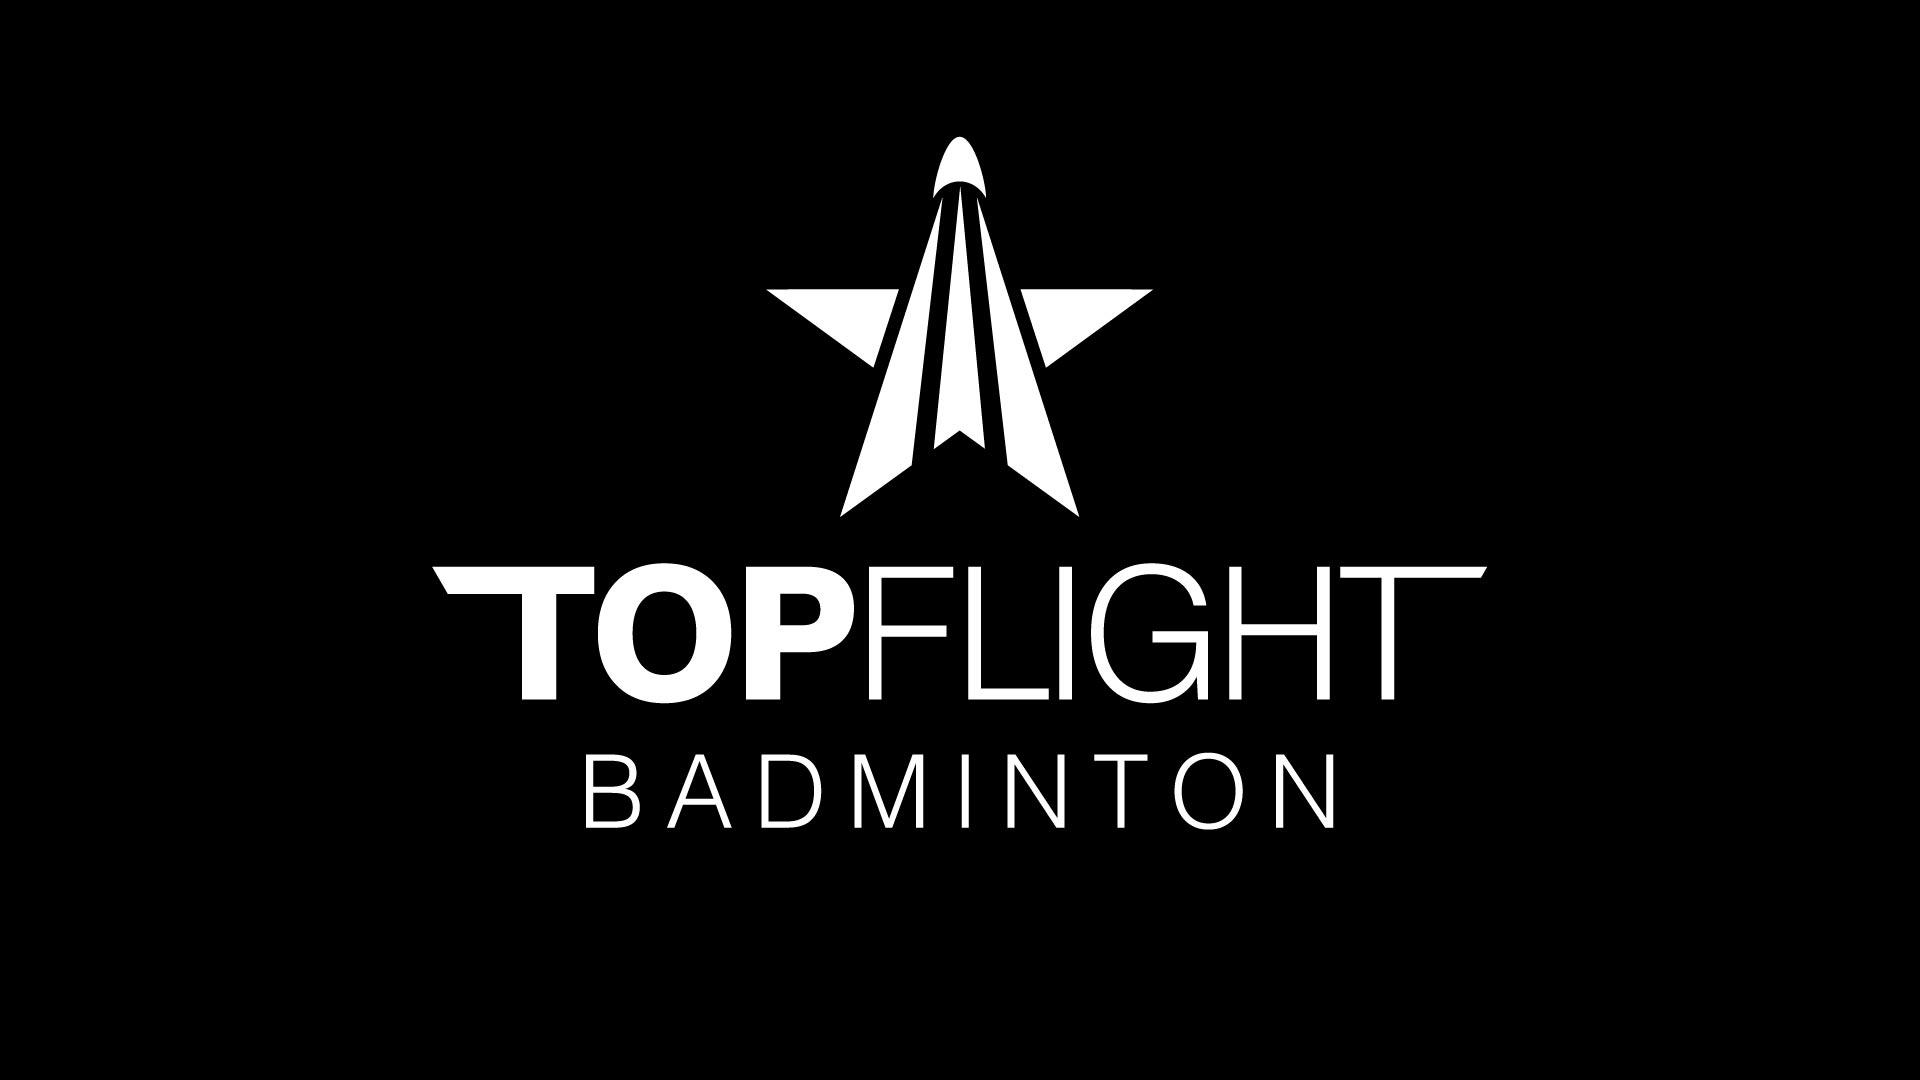 Top Flight Badminton Club